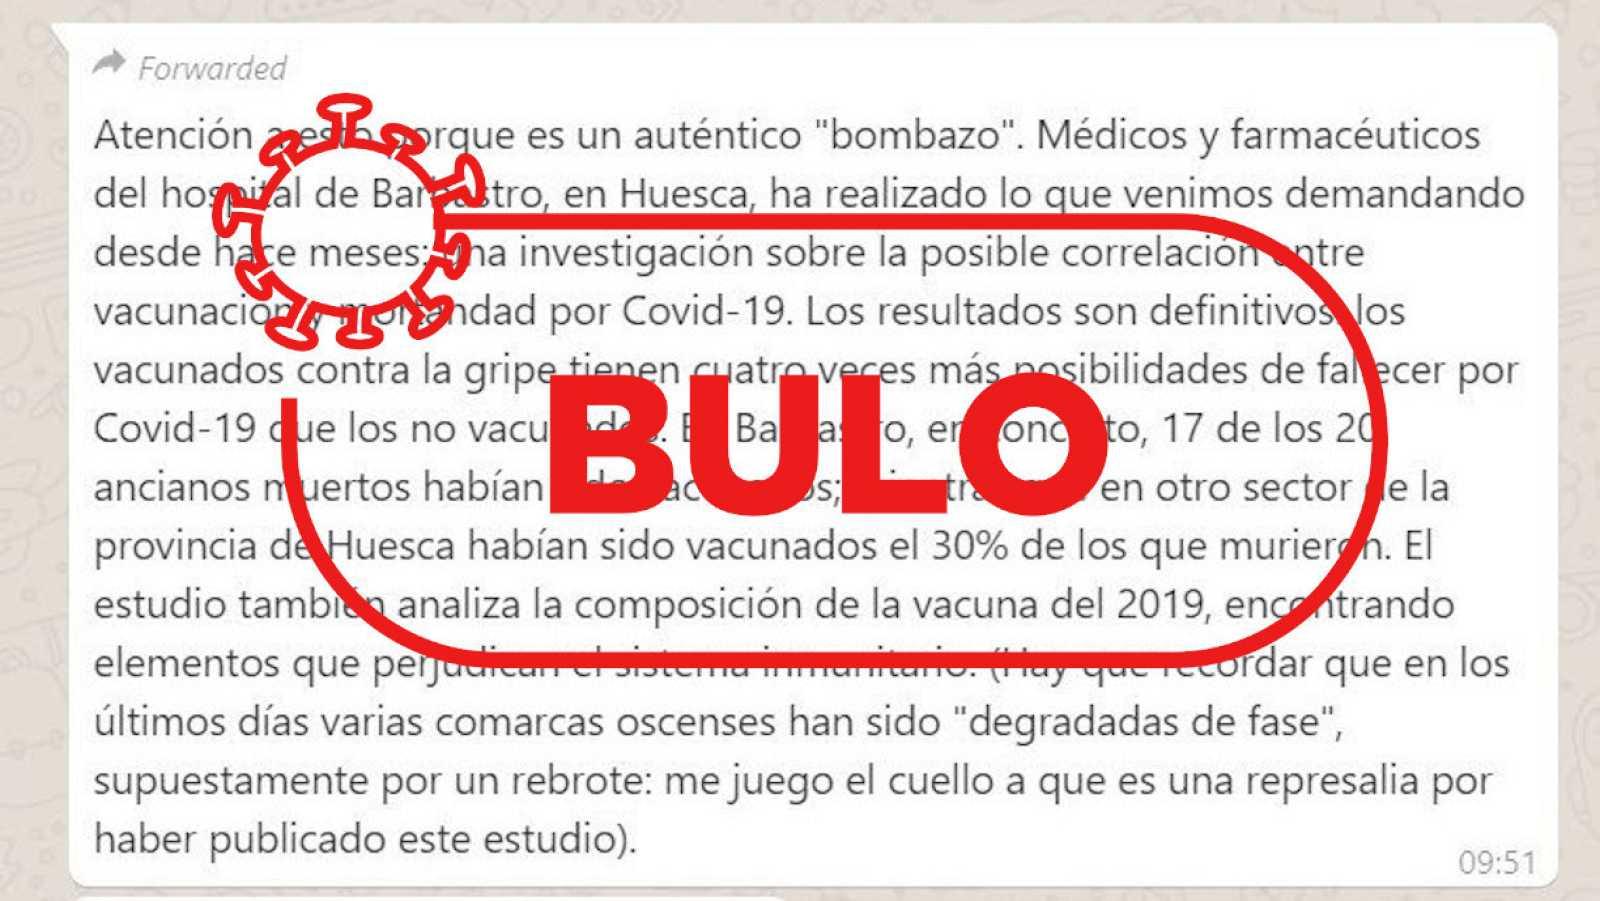 Detalle del mensaje con el bulo recibido en el WhatsApp de Verifica RTVE y la palabra bulo en rojo.